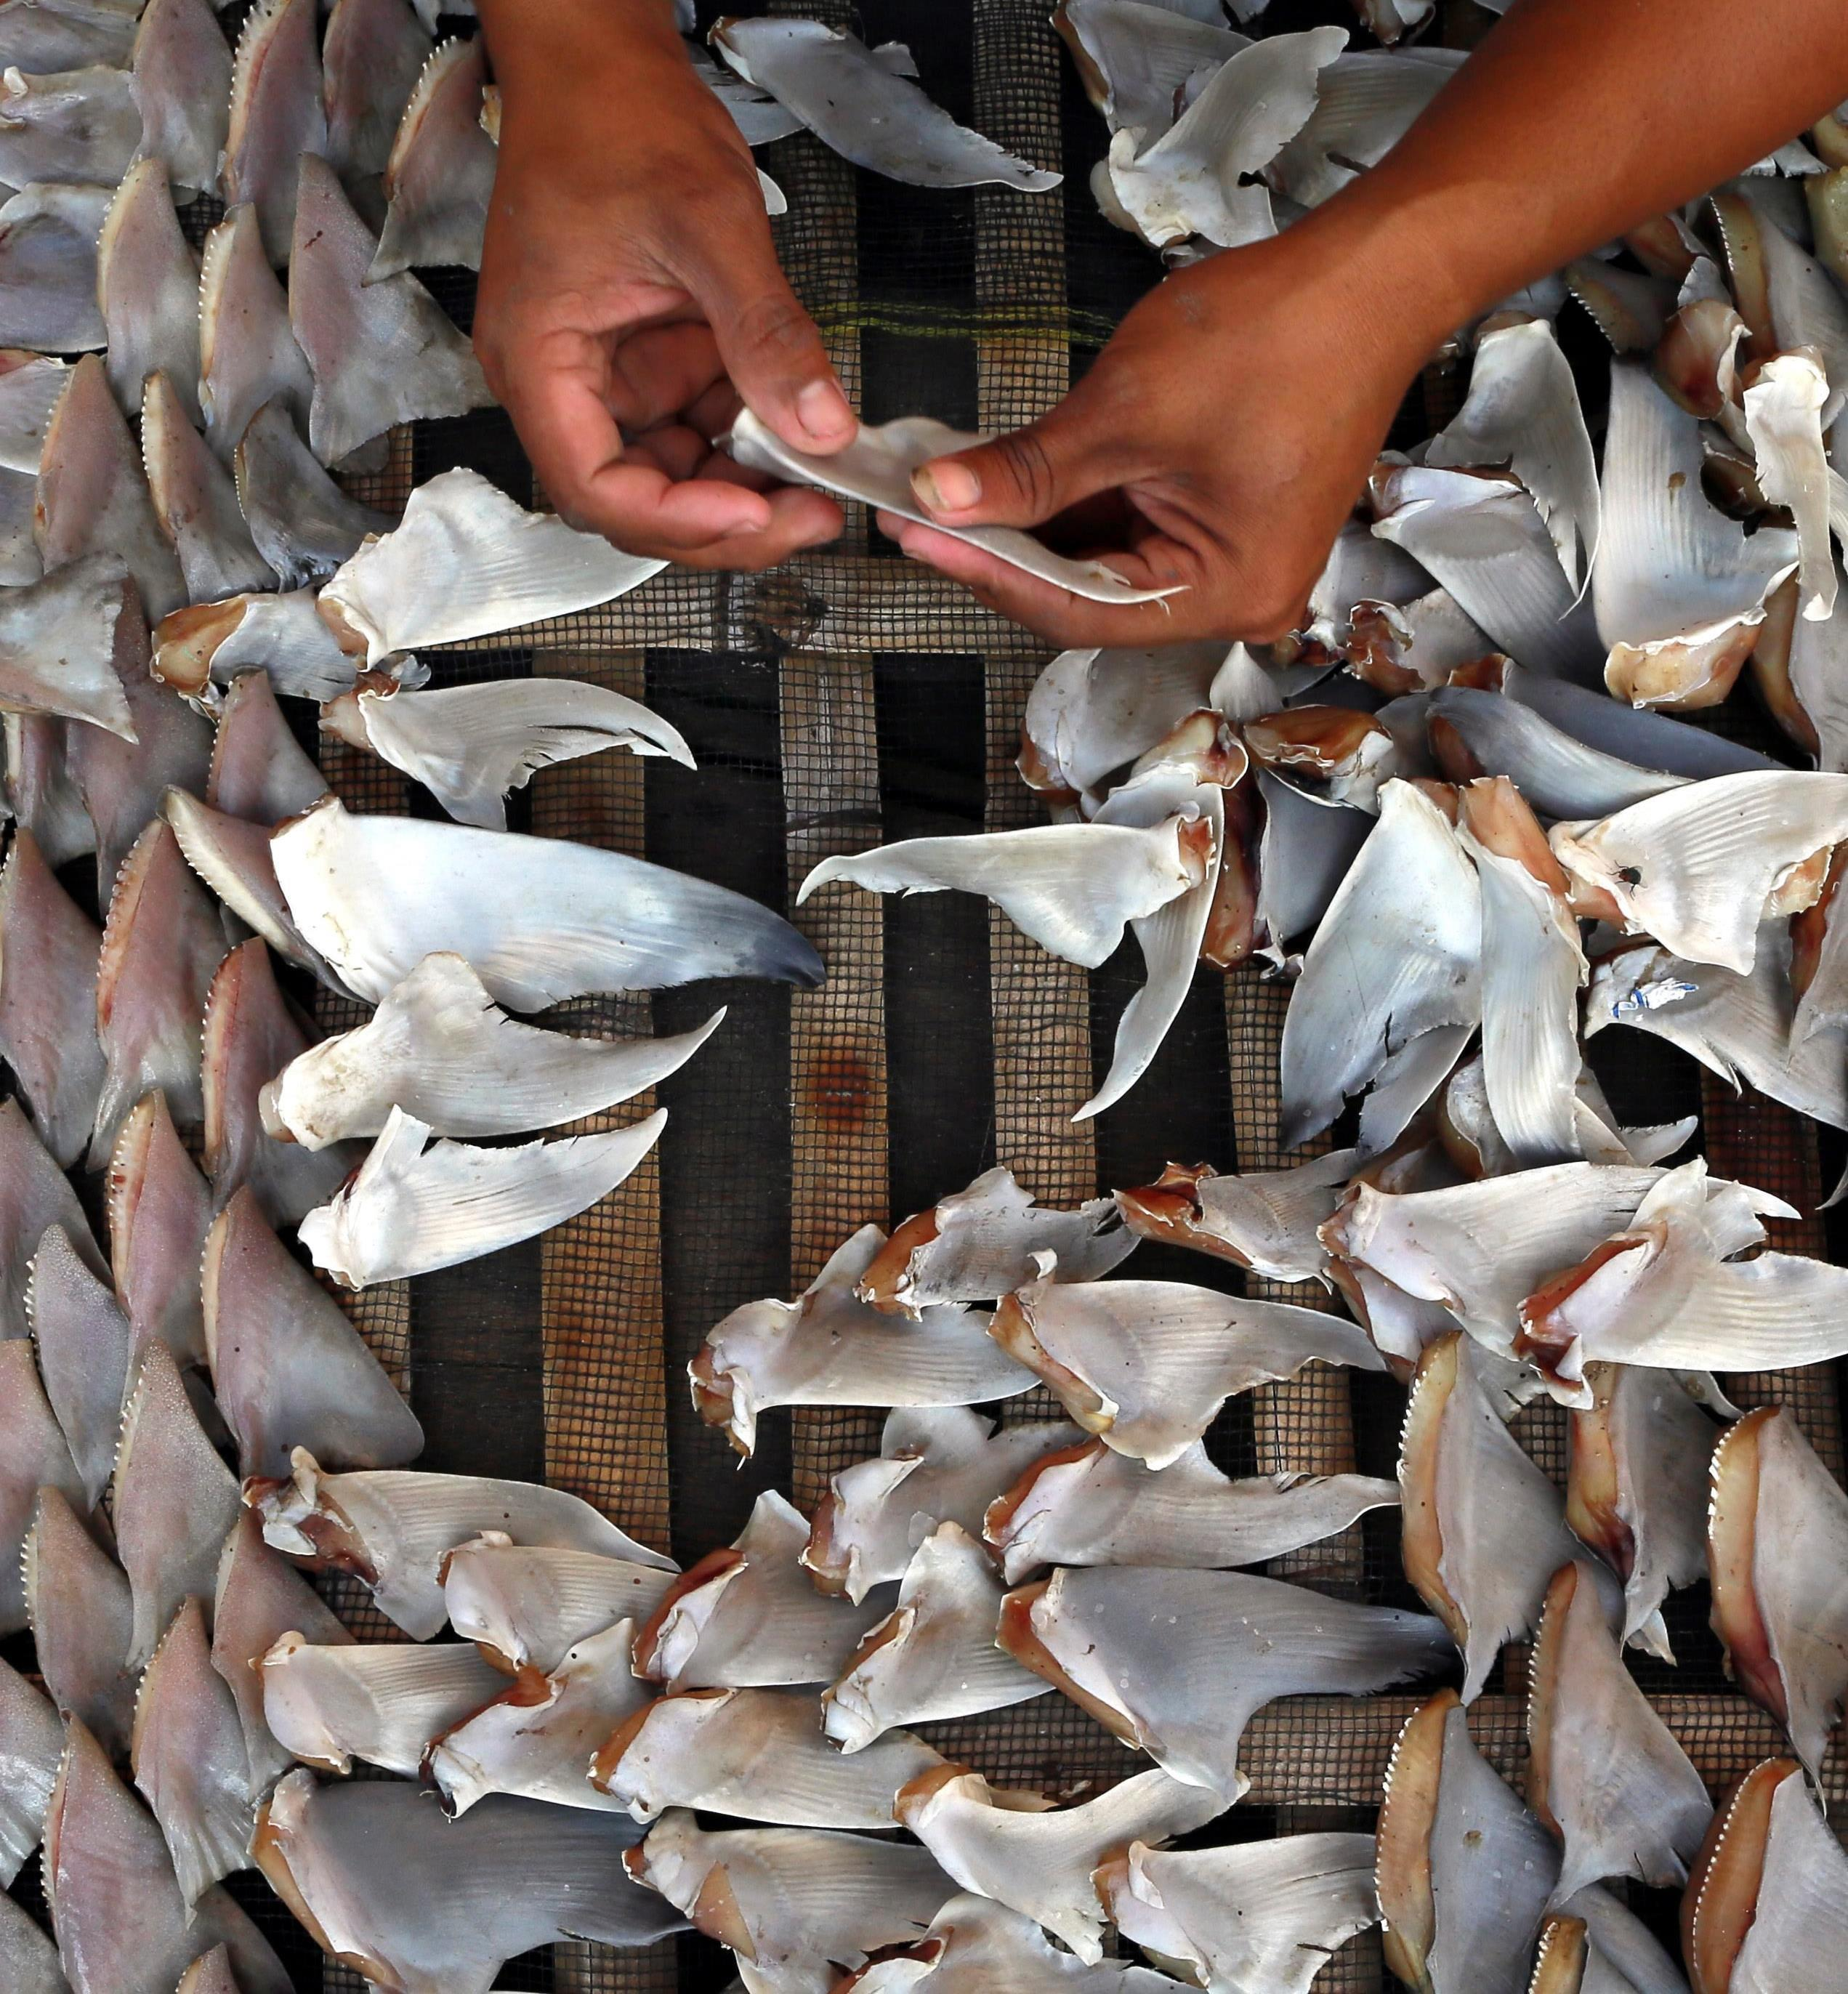 Image: Shark fins